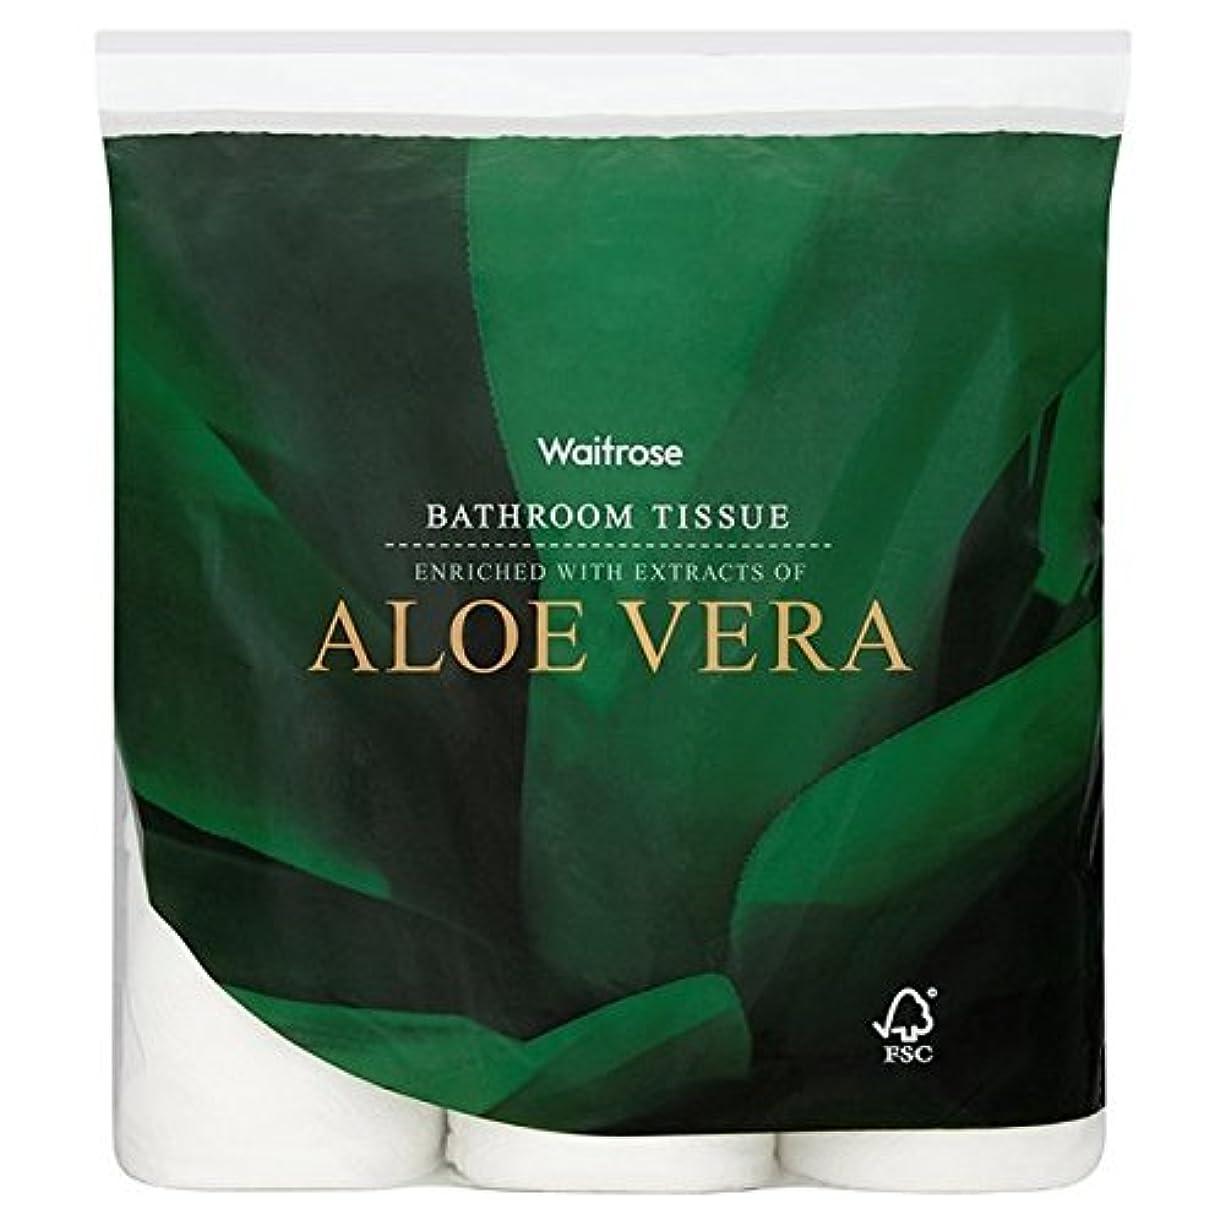 兵士デッドロックキャッチAloe Vera Bathroom Tissue White Waitrose 9 per pack - パックあたりアロエベラ浴室組織白ウェイトローズ9 [並行輸入品]